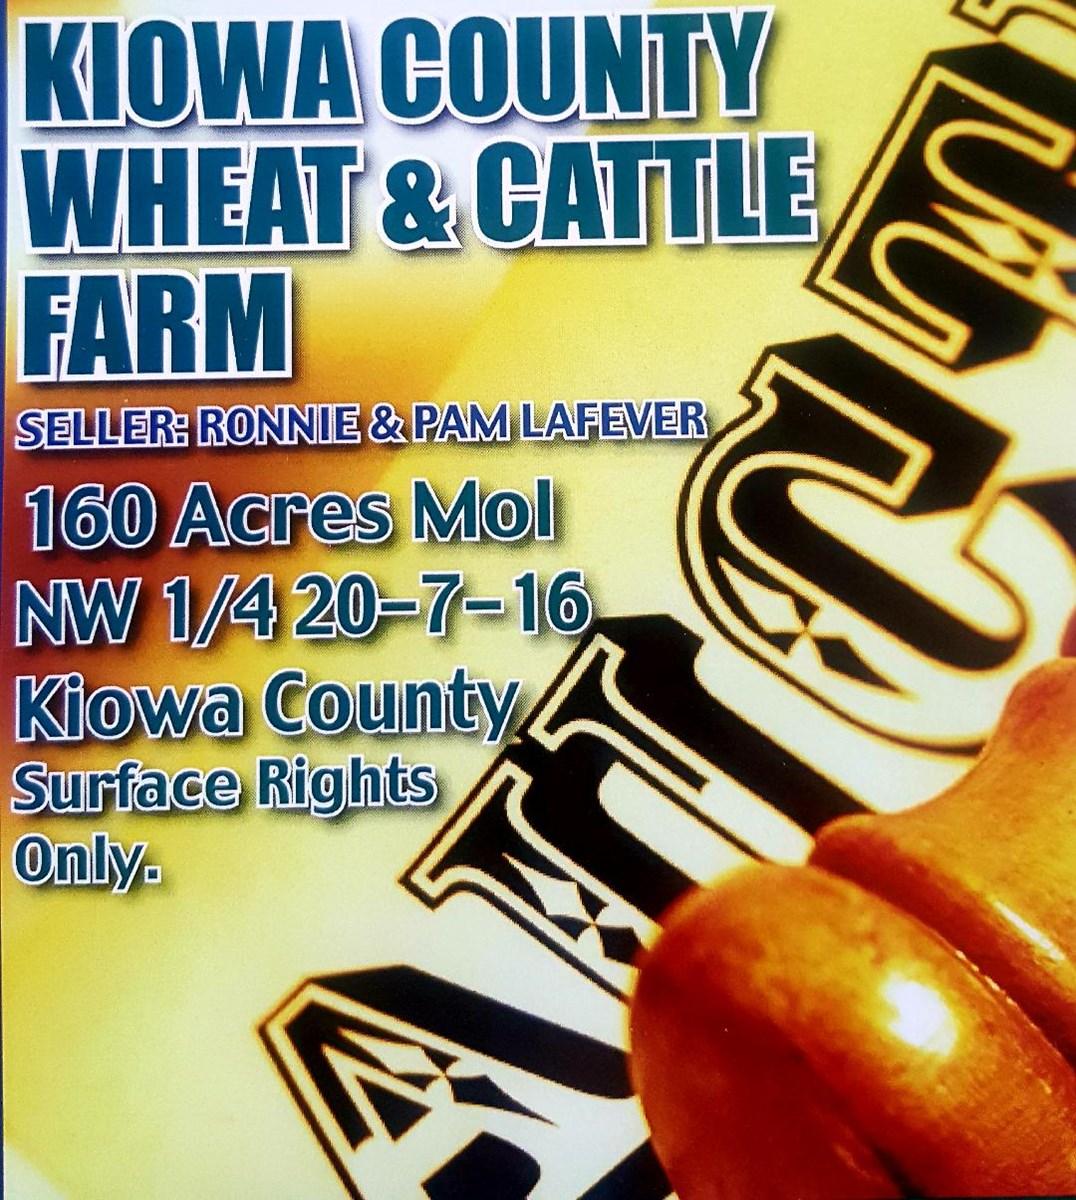 Kiowa County Farm For Sale 160 Acres